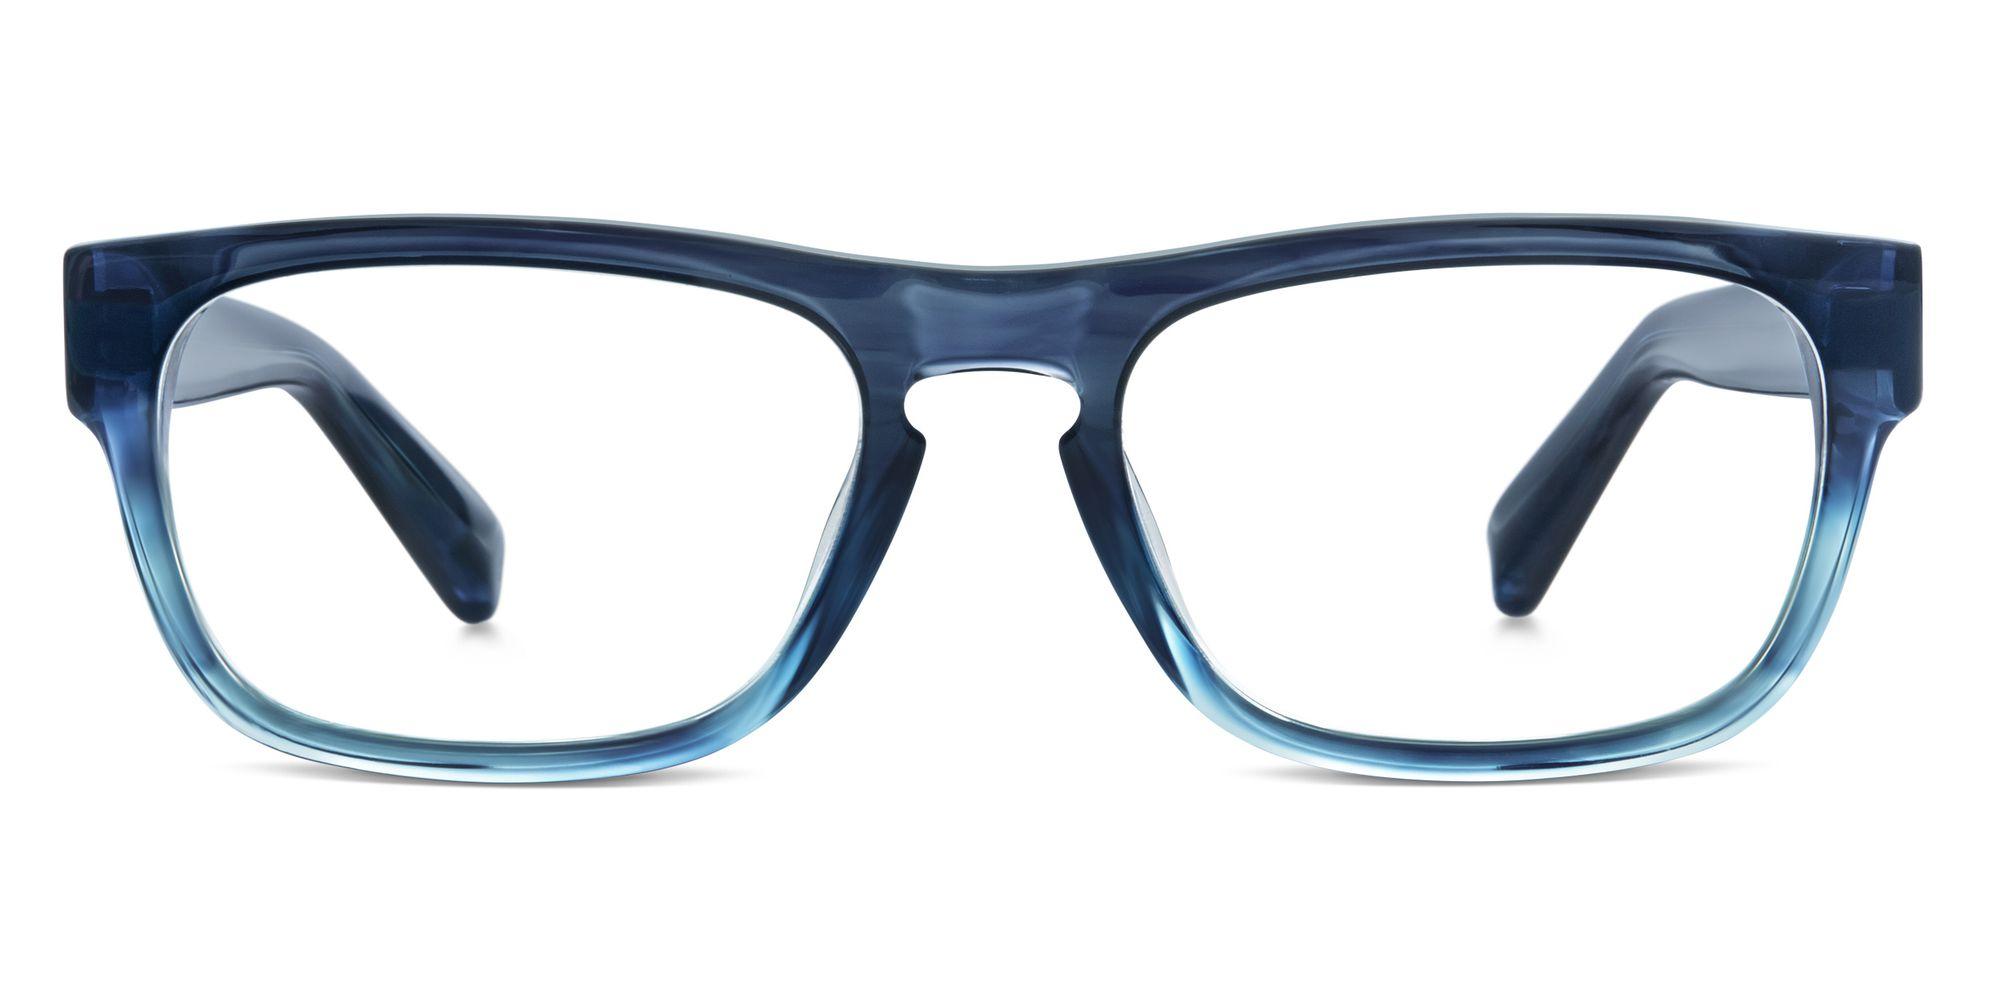 Warby Parker Roosevelt Eyeglasses in Blue Slate Fade for Men